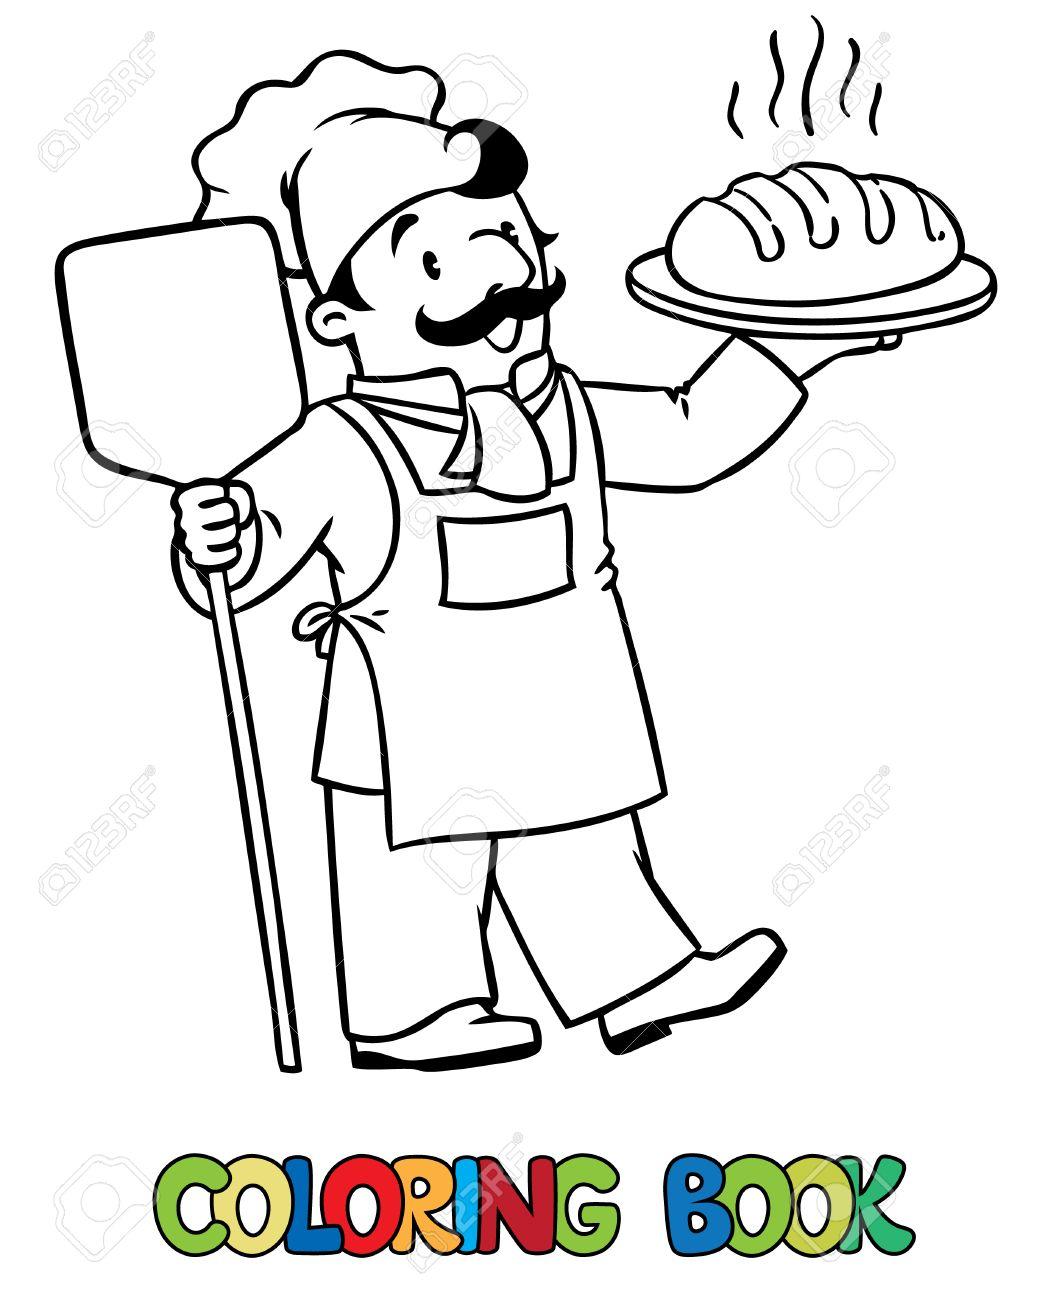 Coloriage Ou Livre De Coloriage De Cuisinier Drole Ou Chef Cuisinier Ou Boulanger Avec Du Pain Serie Profession Enfants Illustration Vectorielle Clip Art Libres De Droits Vecteurs Et Illustration Image 54880915